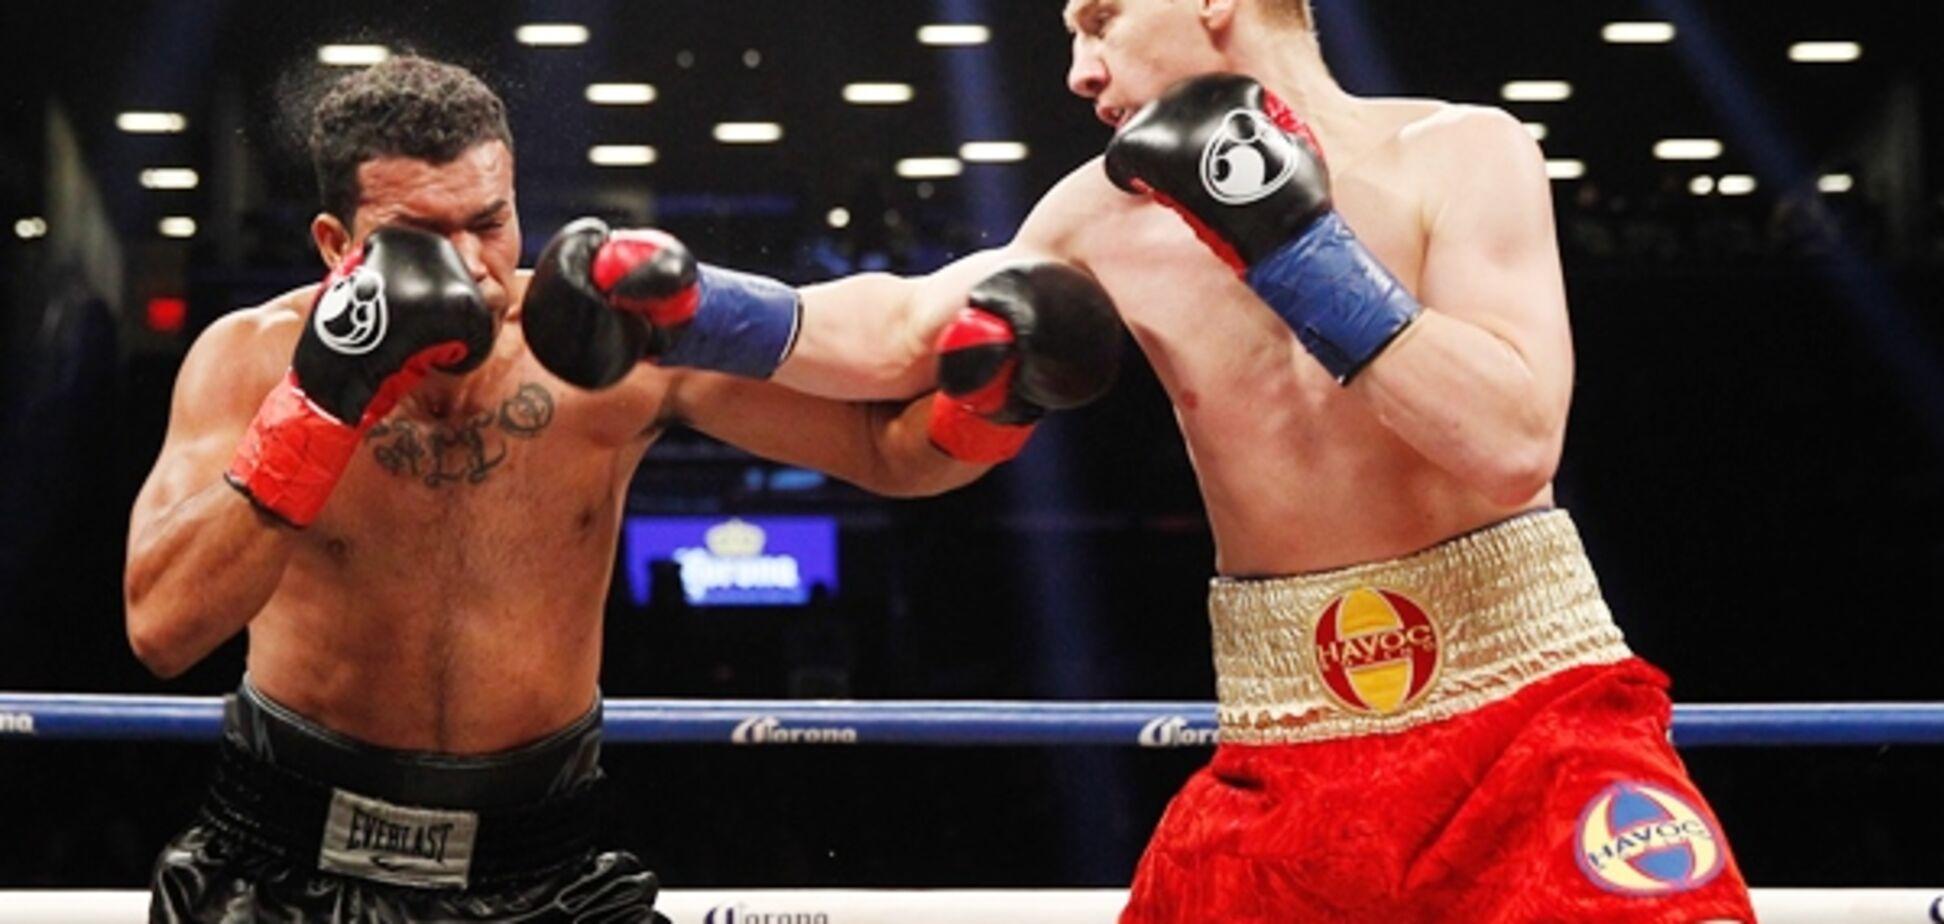 Знаменитий український боксер здобув яскраву перемогу у США: відео нокауту